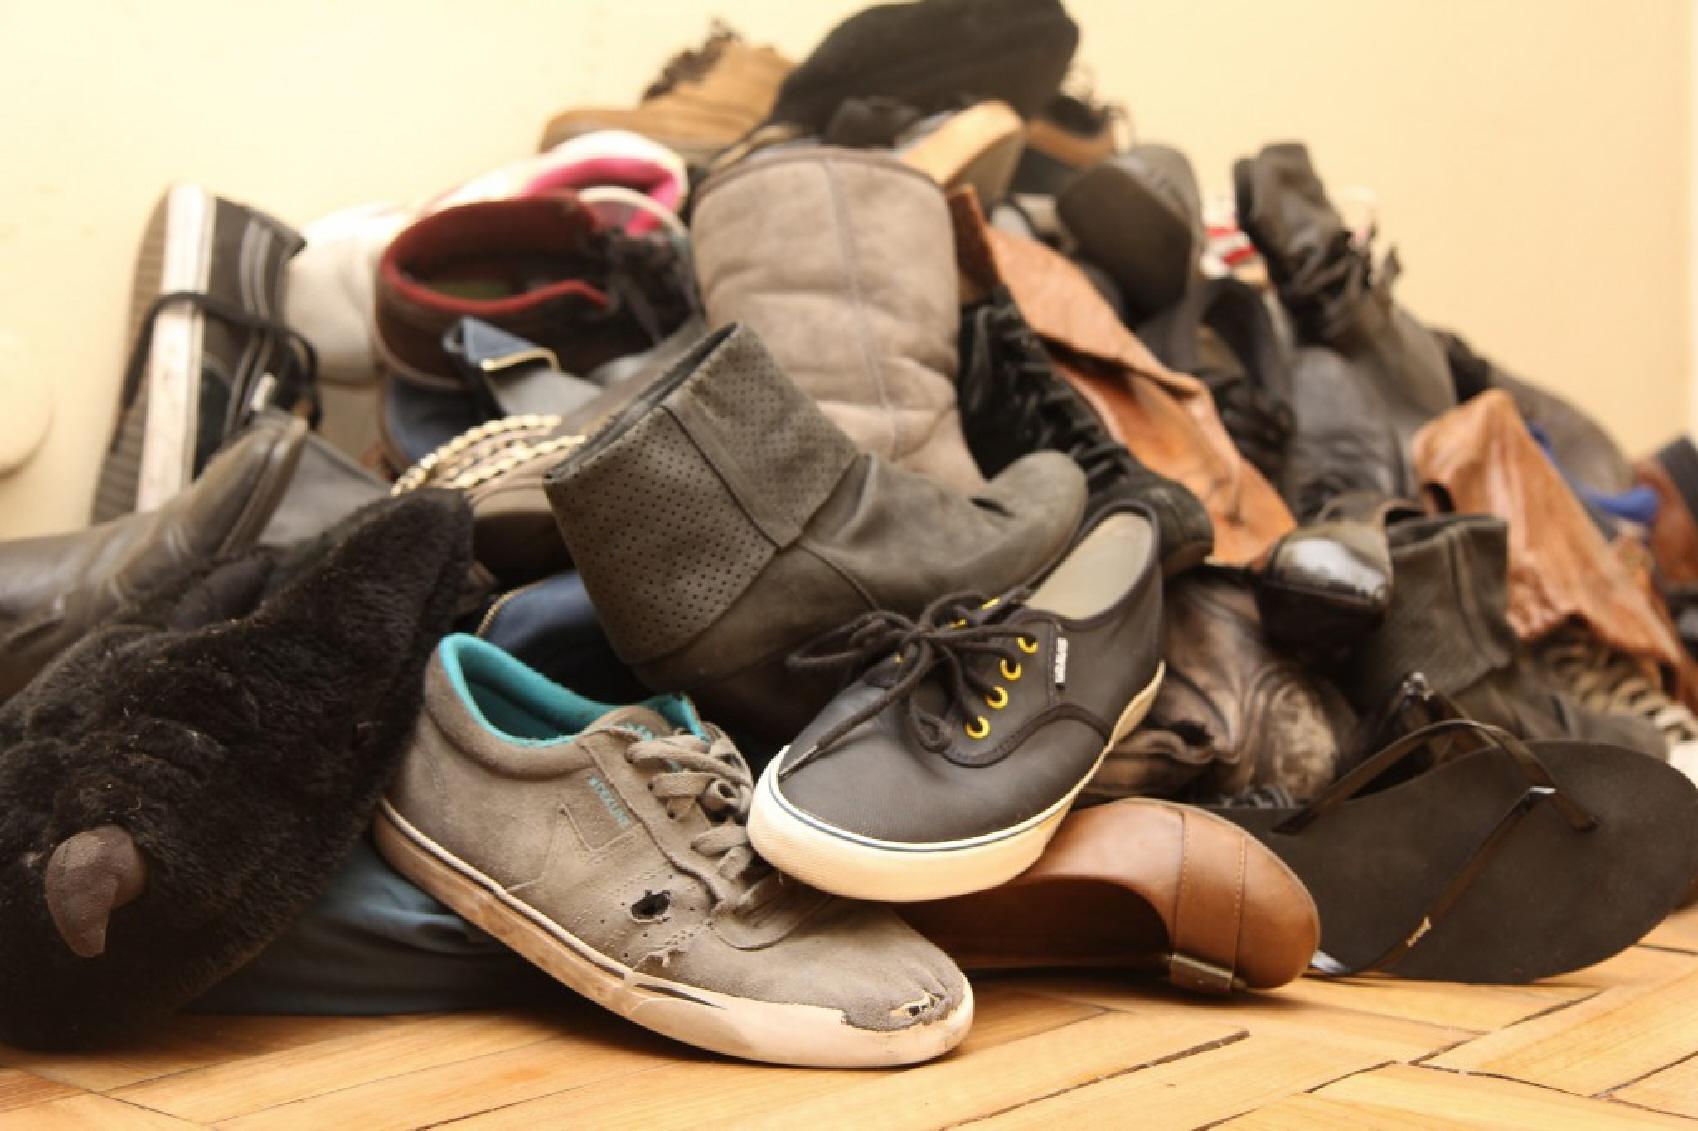 Free Shoes è il miglior negozio di abbigliamento sportivo e calzature di tendenza potrete trovare nei punti vendita di Villa Rosa Pescara e lAquila le migliori